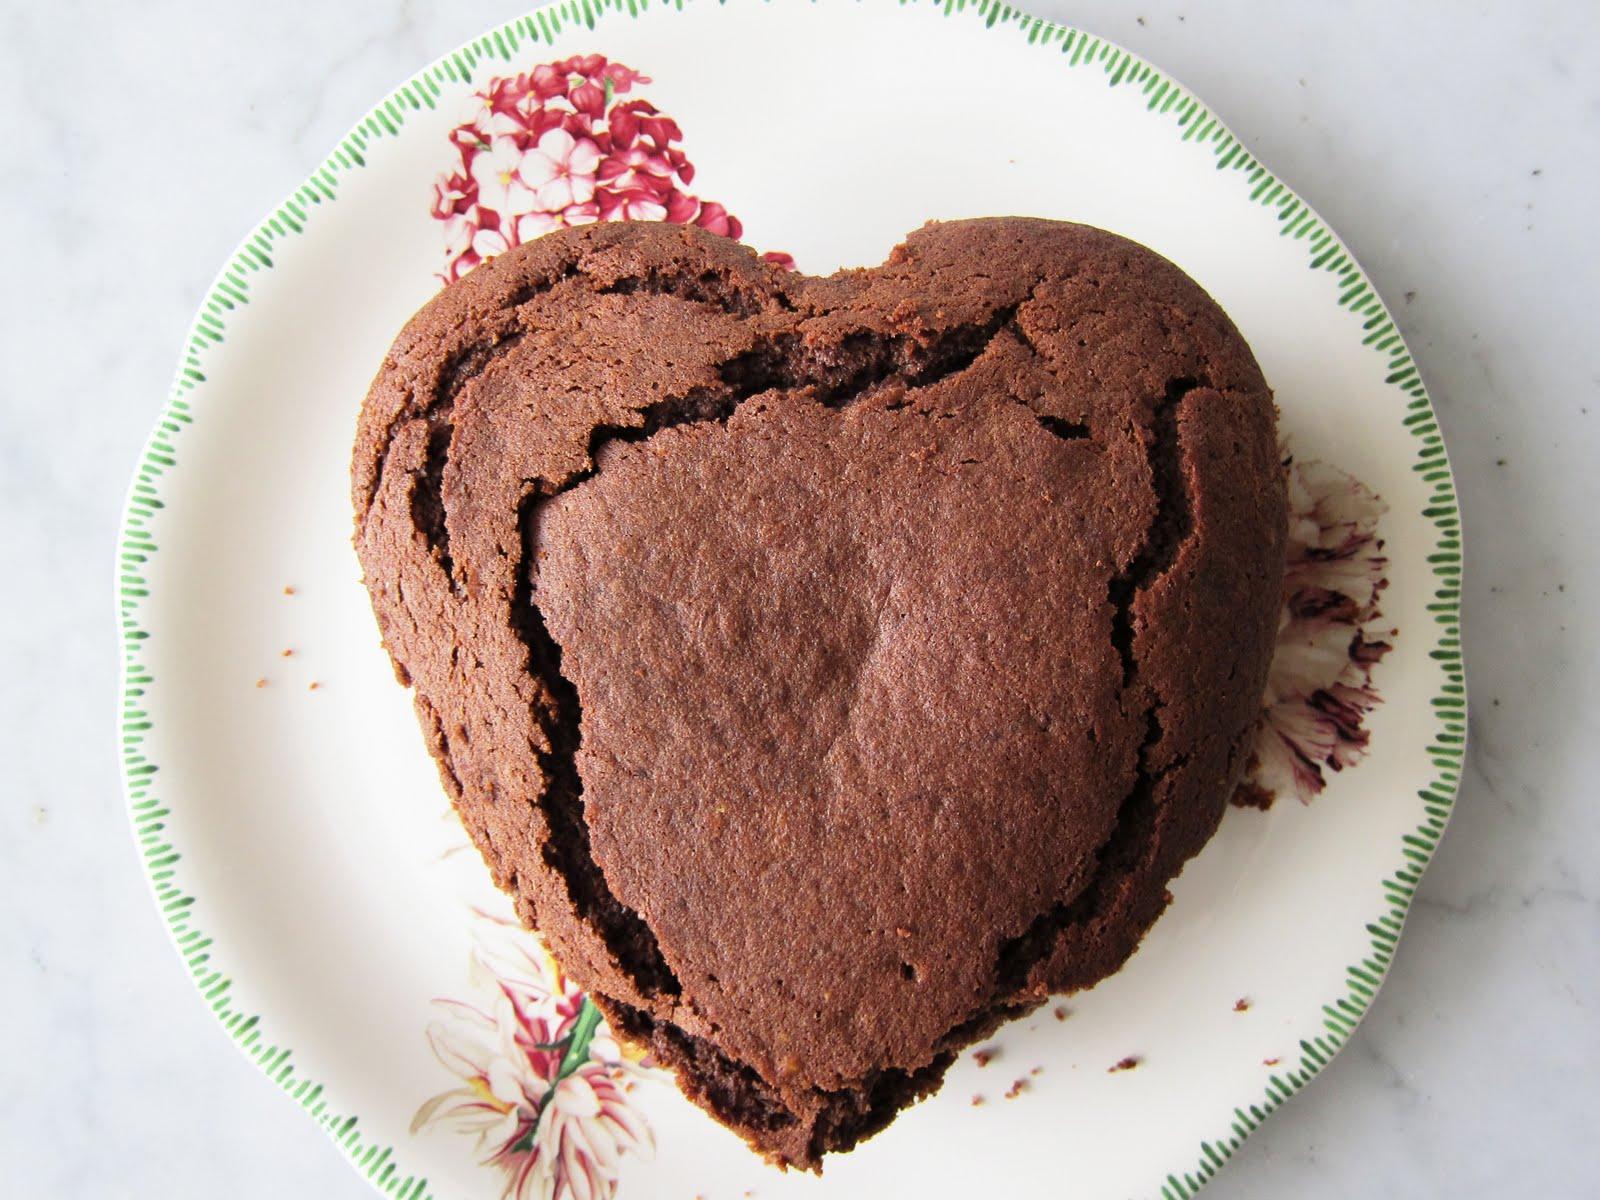 Kitchen comforts: Chocolate Sponge Cake